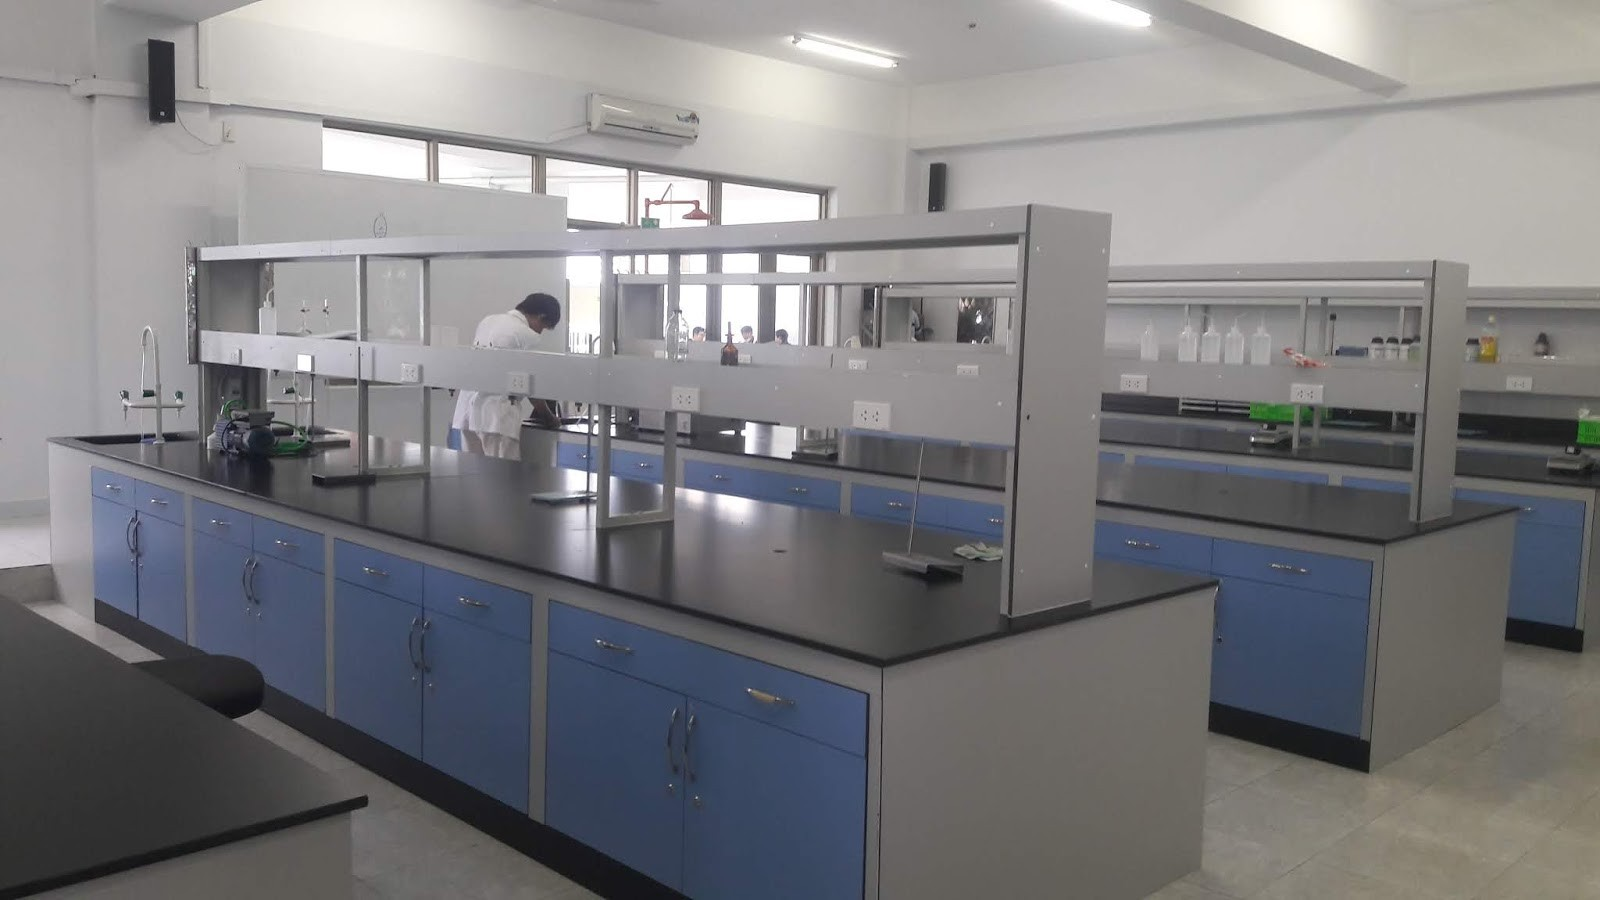 Bàn thí nghiệm trung tâm trong phòng thí nghiệm